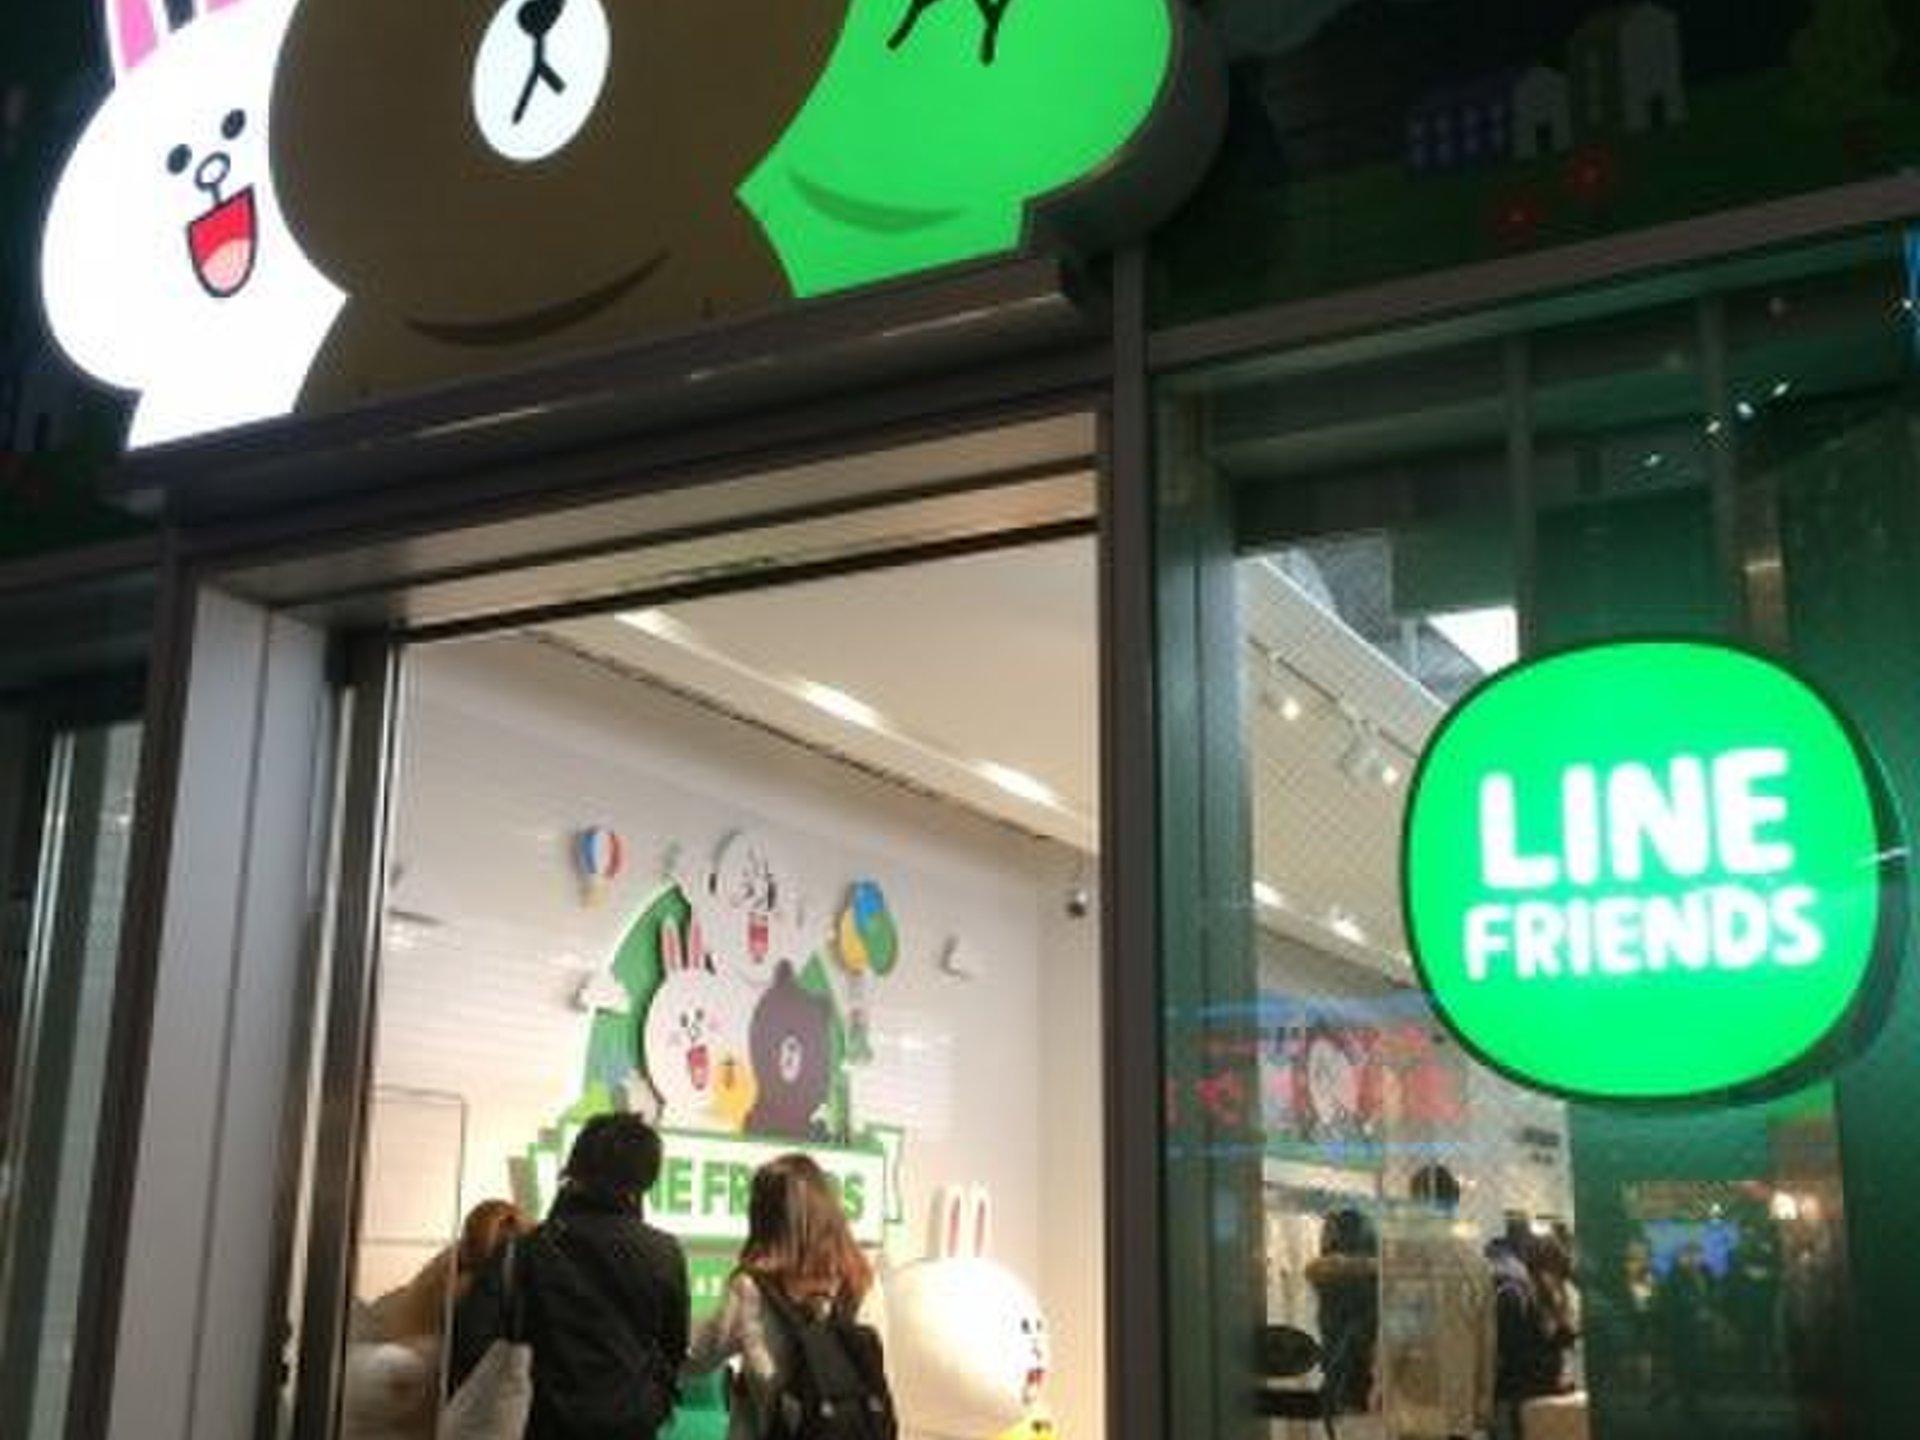 【原宿のLINE FRENDS STORE】店内には超ビッグサイズのブラウンくんも!?